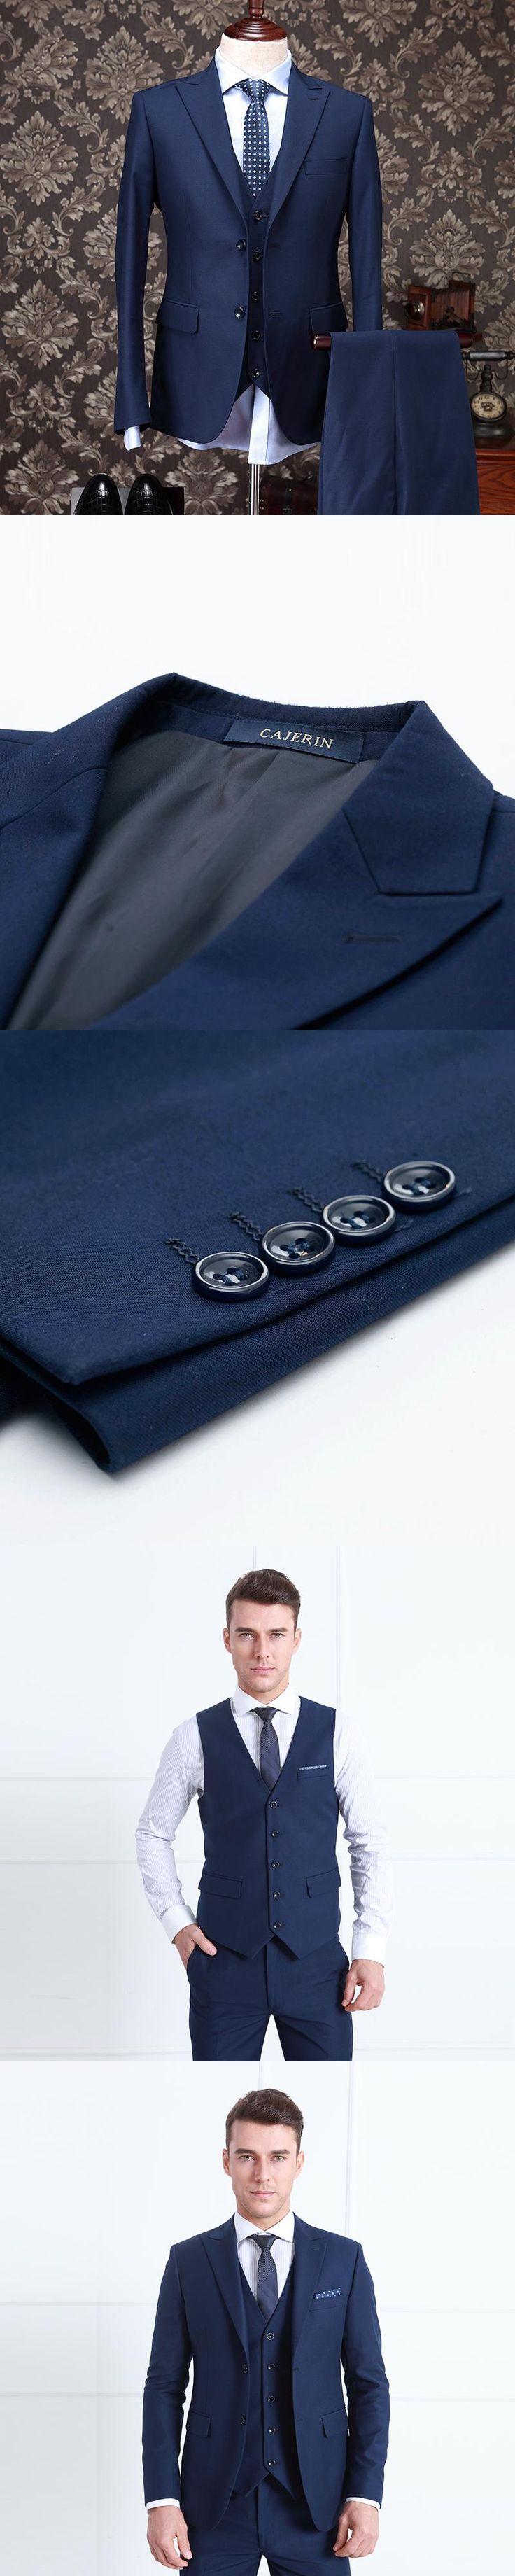 Pre Sale 30%Wool clothing men formal business wedding dress suit sets coat+vest+pant/trousers solid slim fit tuxedo dinner suit